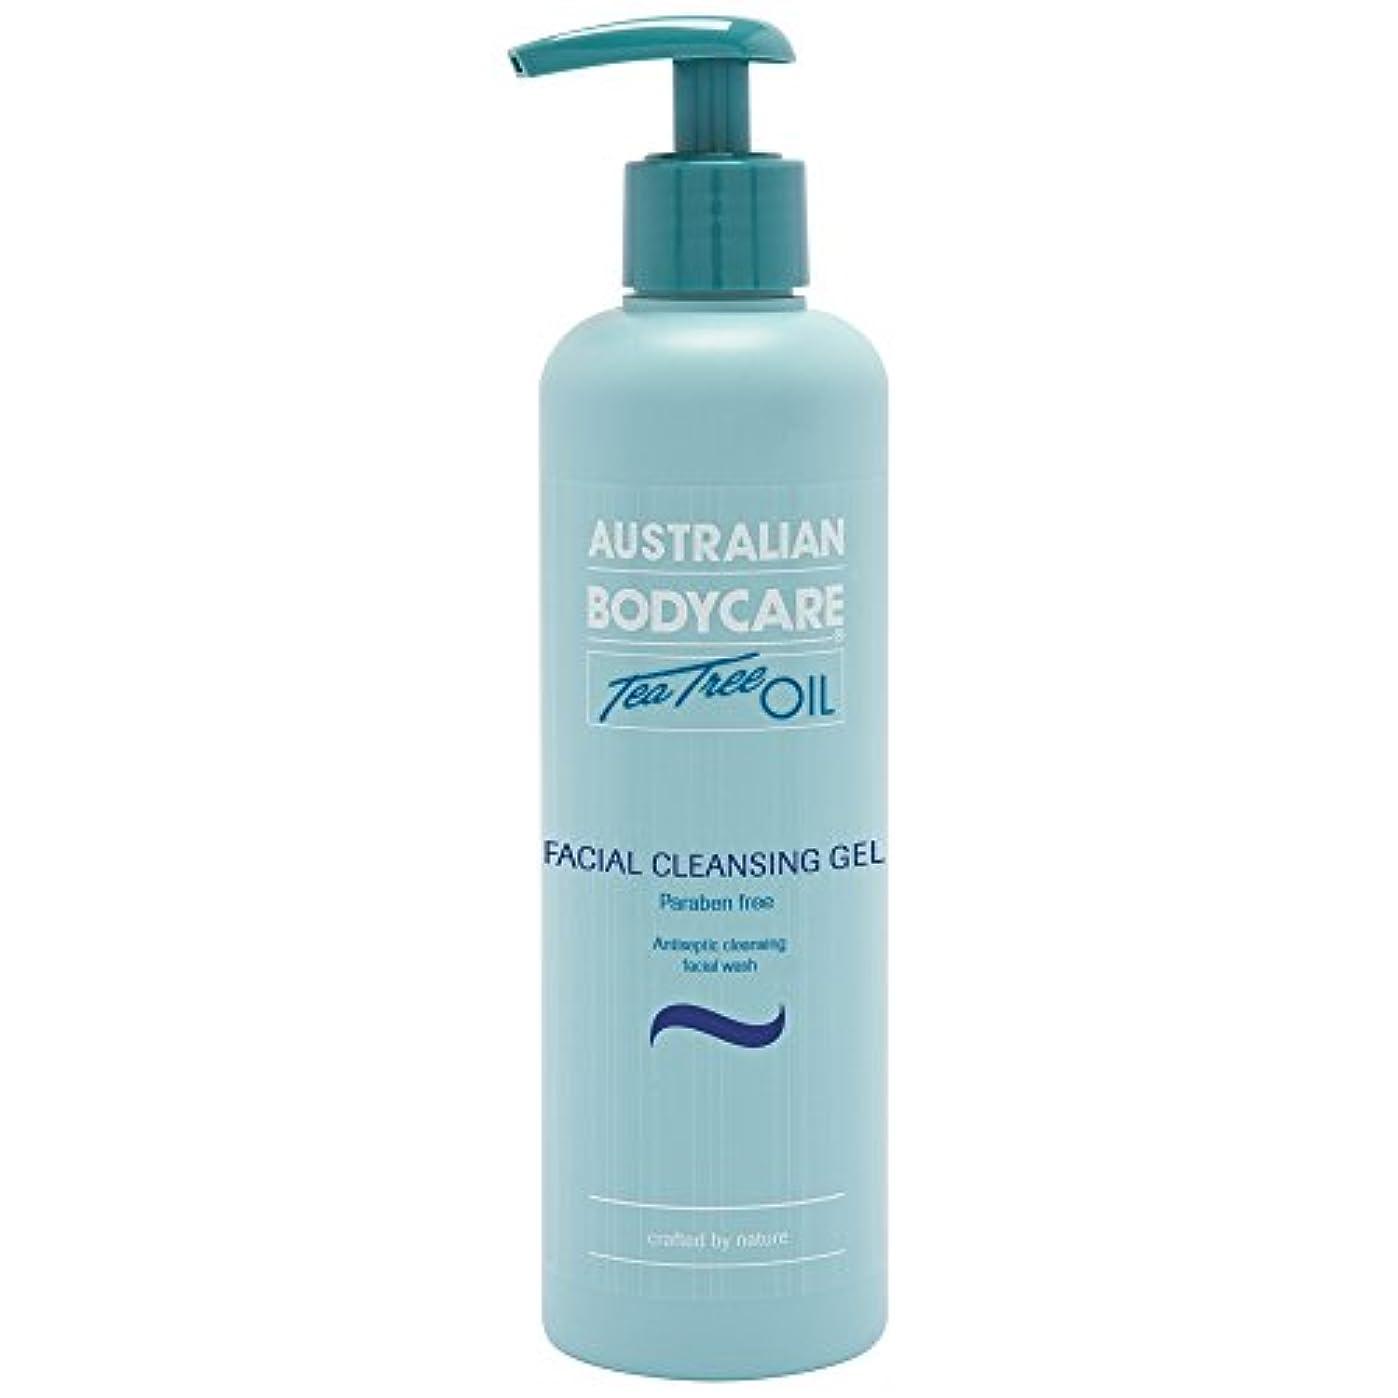 硬さ作詞家かりてオーストラリアのボディーケアティーツリーオイル洗顔ゲル250ミリリットル (Australian Bodycare) (x2) - Australian Bodycare Tea Tree Oil Facial Cleansing...